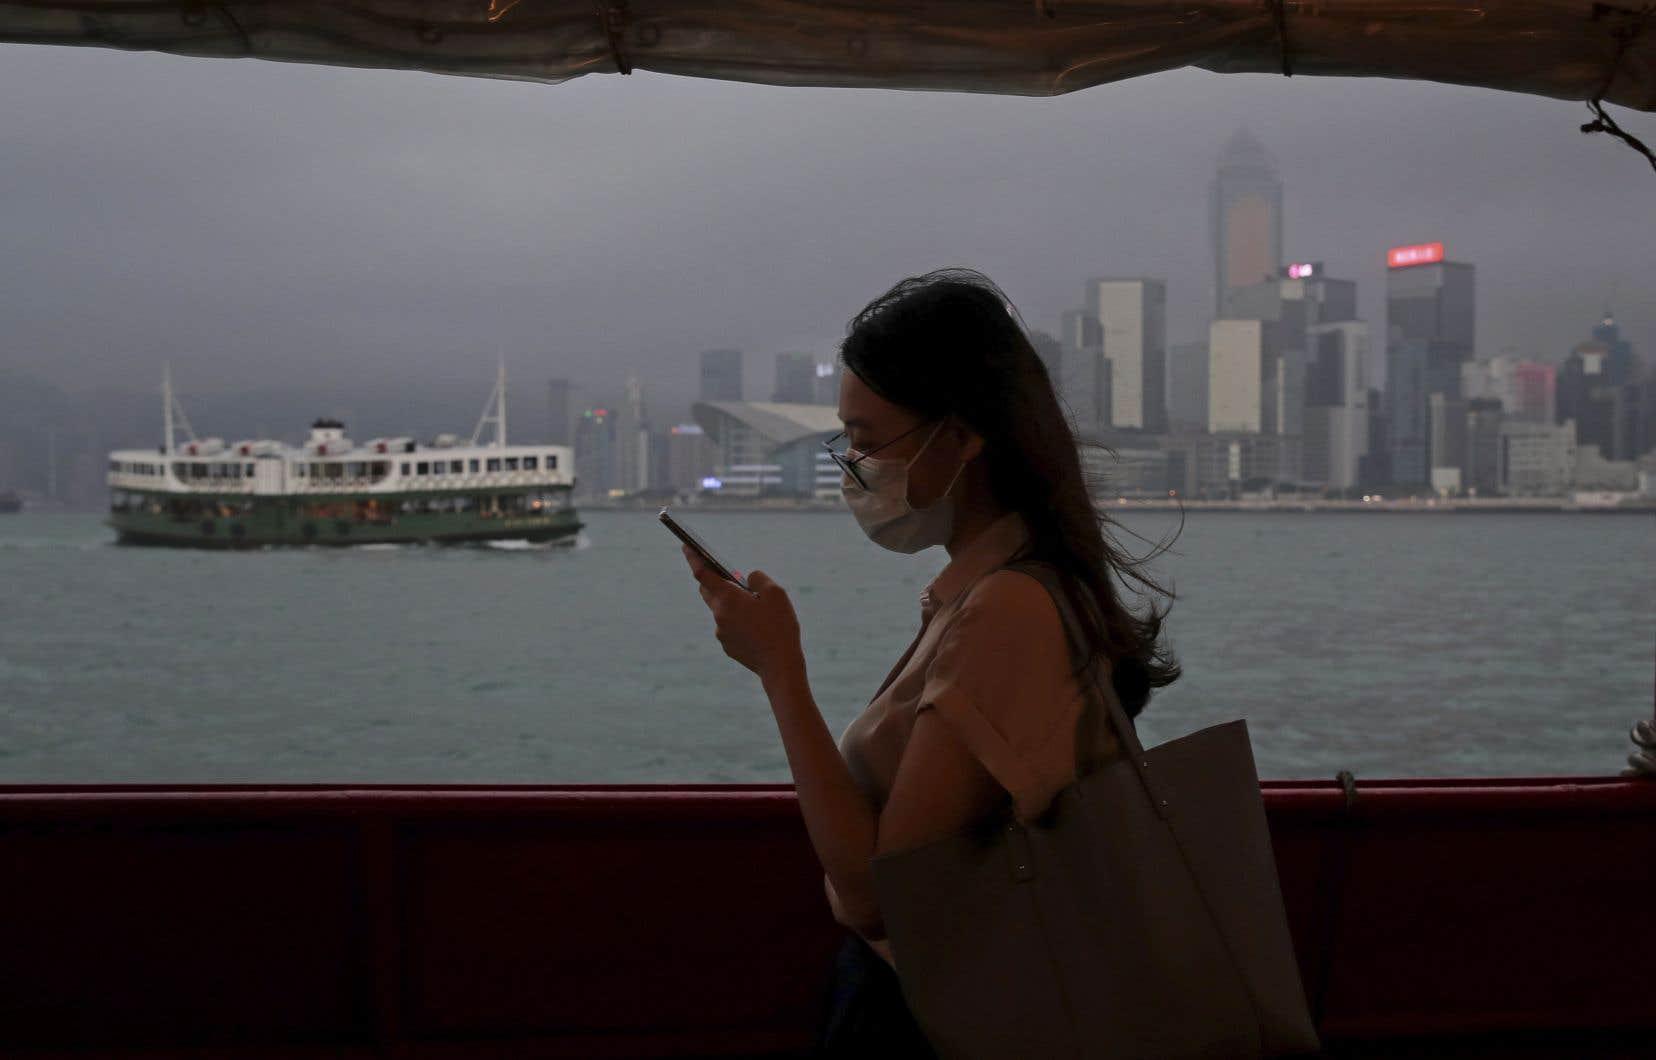 Les États-Unis dénoncent depuis plusieurs jours la loi controversée sur la sécurité nationale que Pékin veut imposer à Hong Kong.